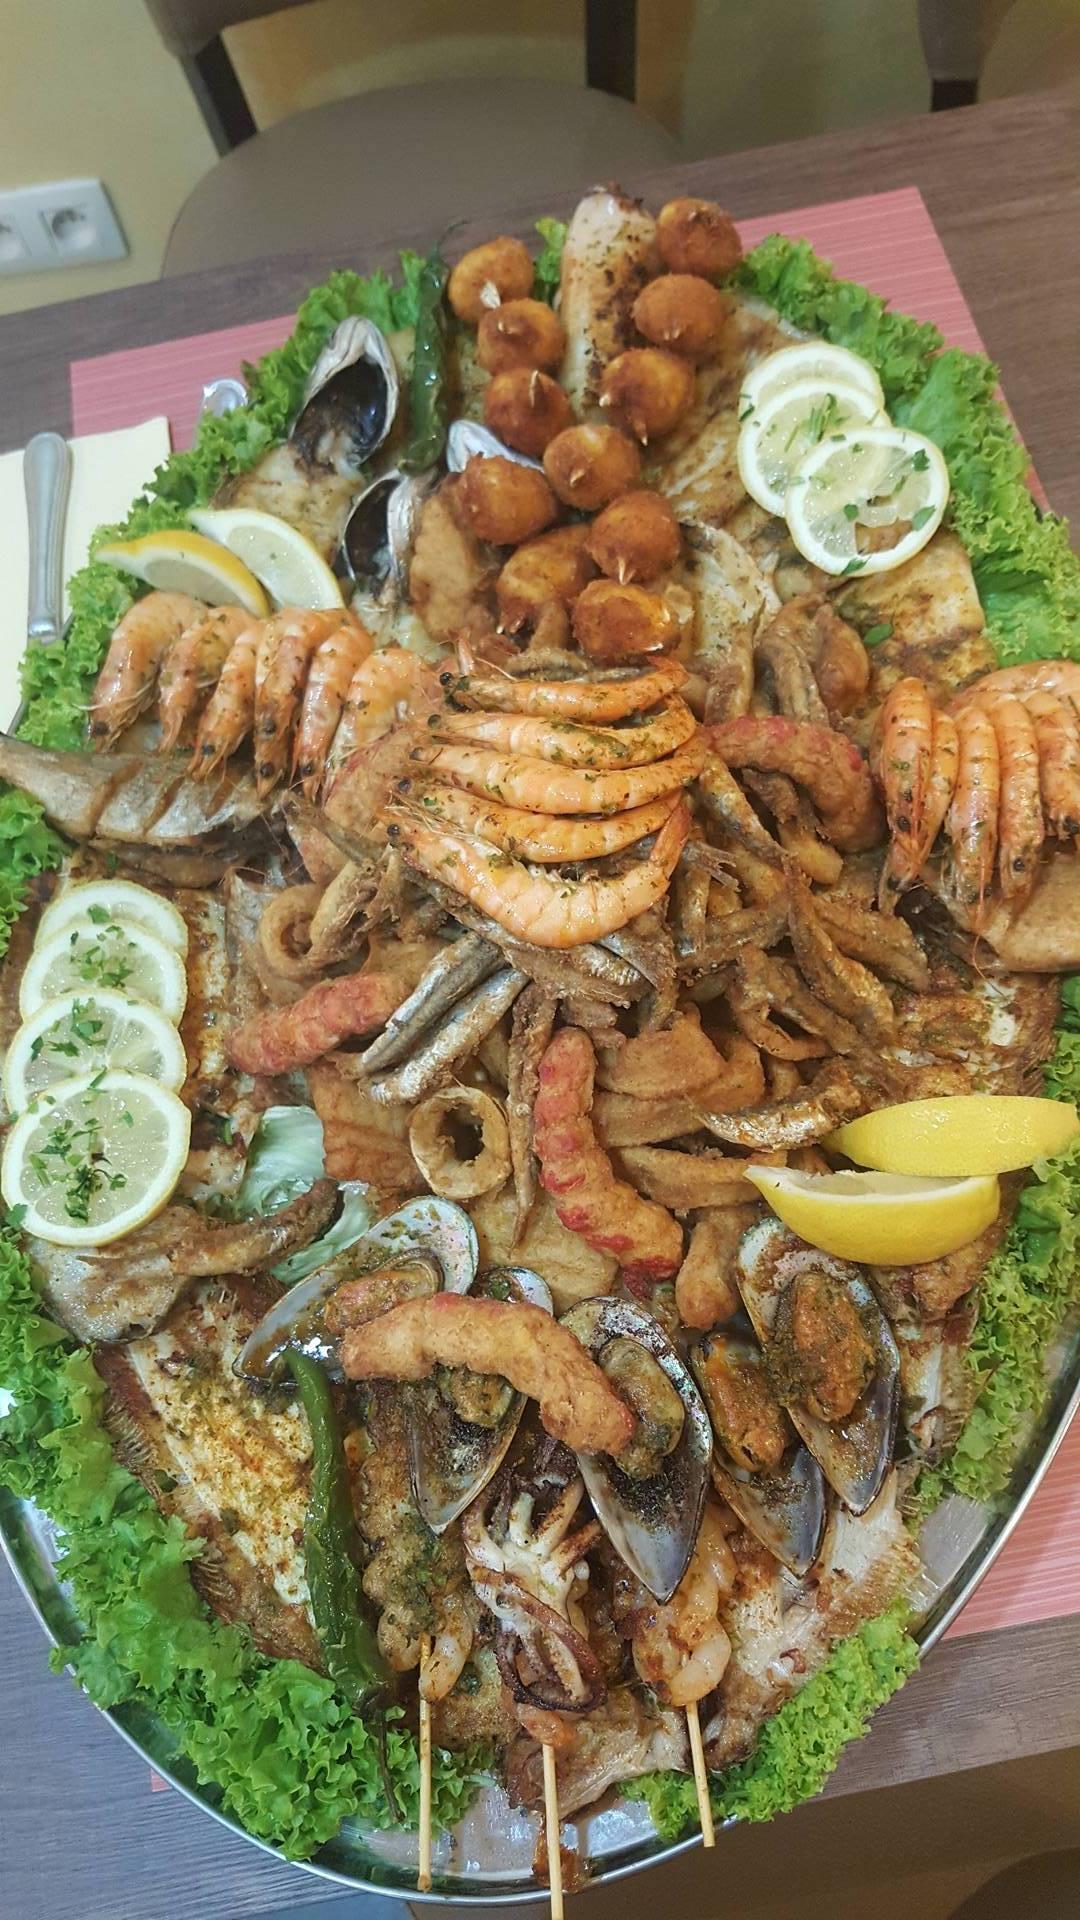 Traiteur -img13 • Livraison de poissons • Poissonnerie • Restaurant • Traiteur à Anderlecht